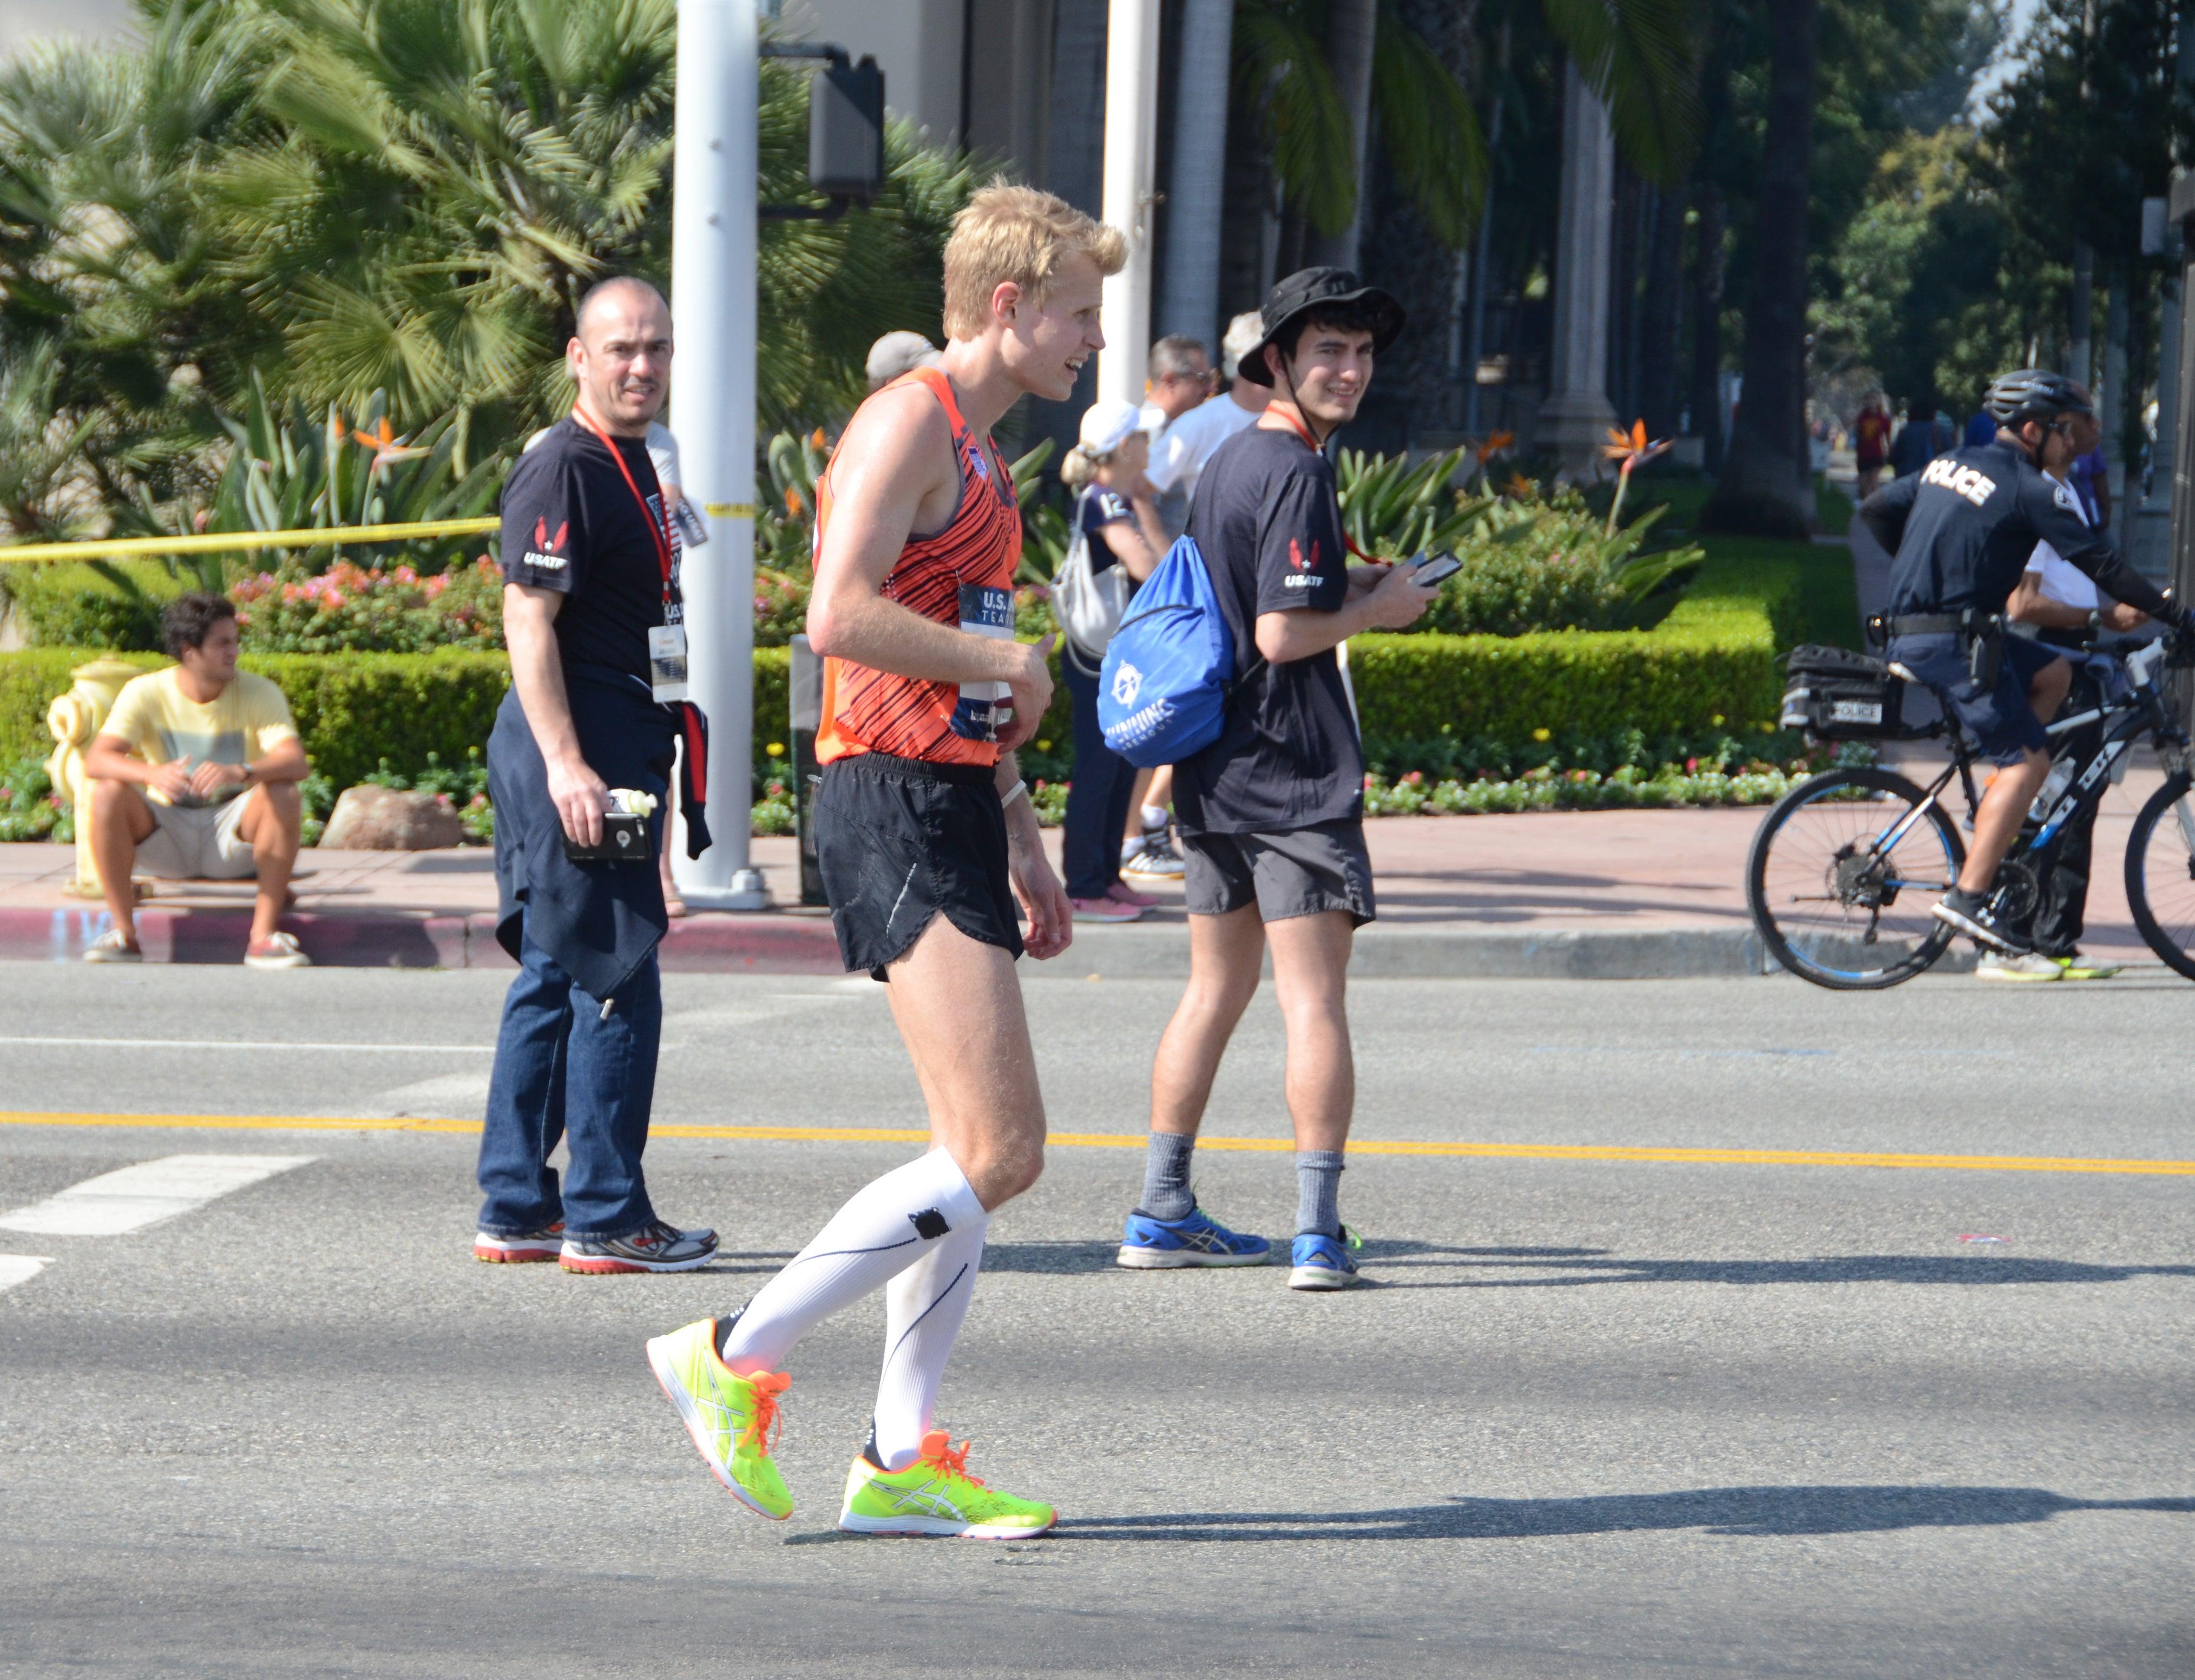 stomach cramping in marathon